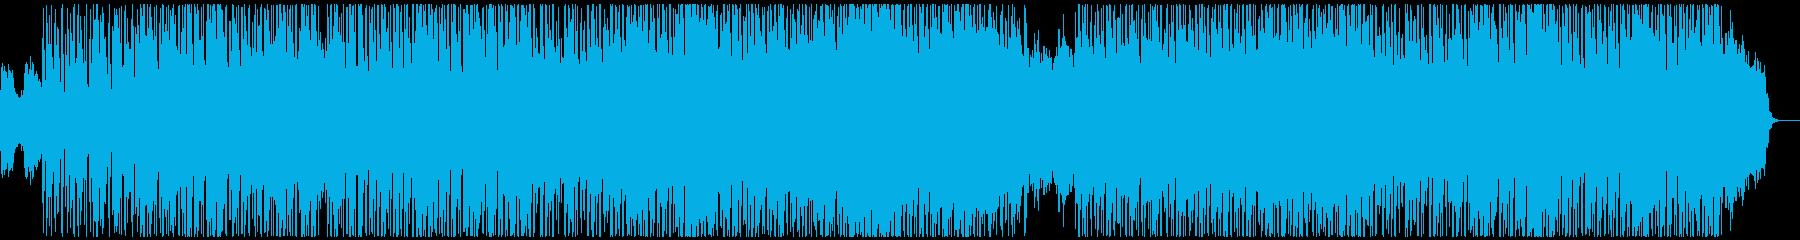 秘めた決意が漂うDnB風味のテクノの再生済みの波形